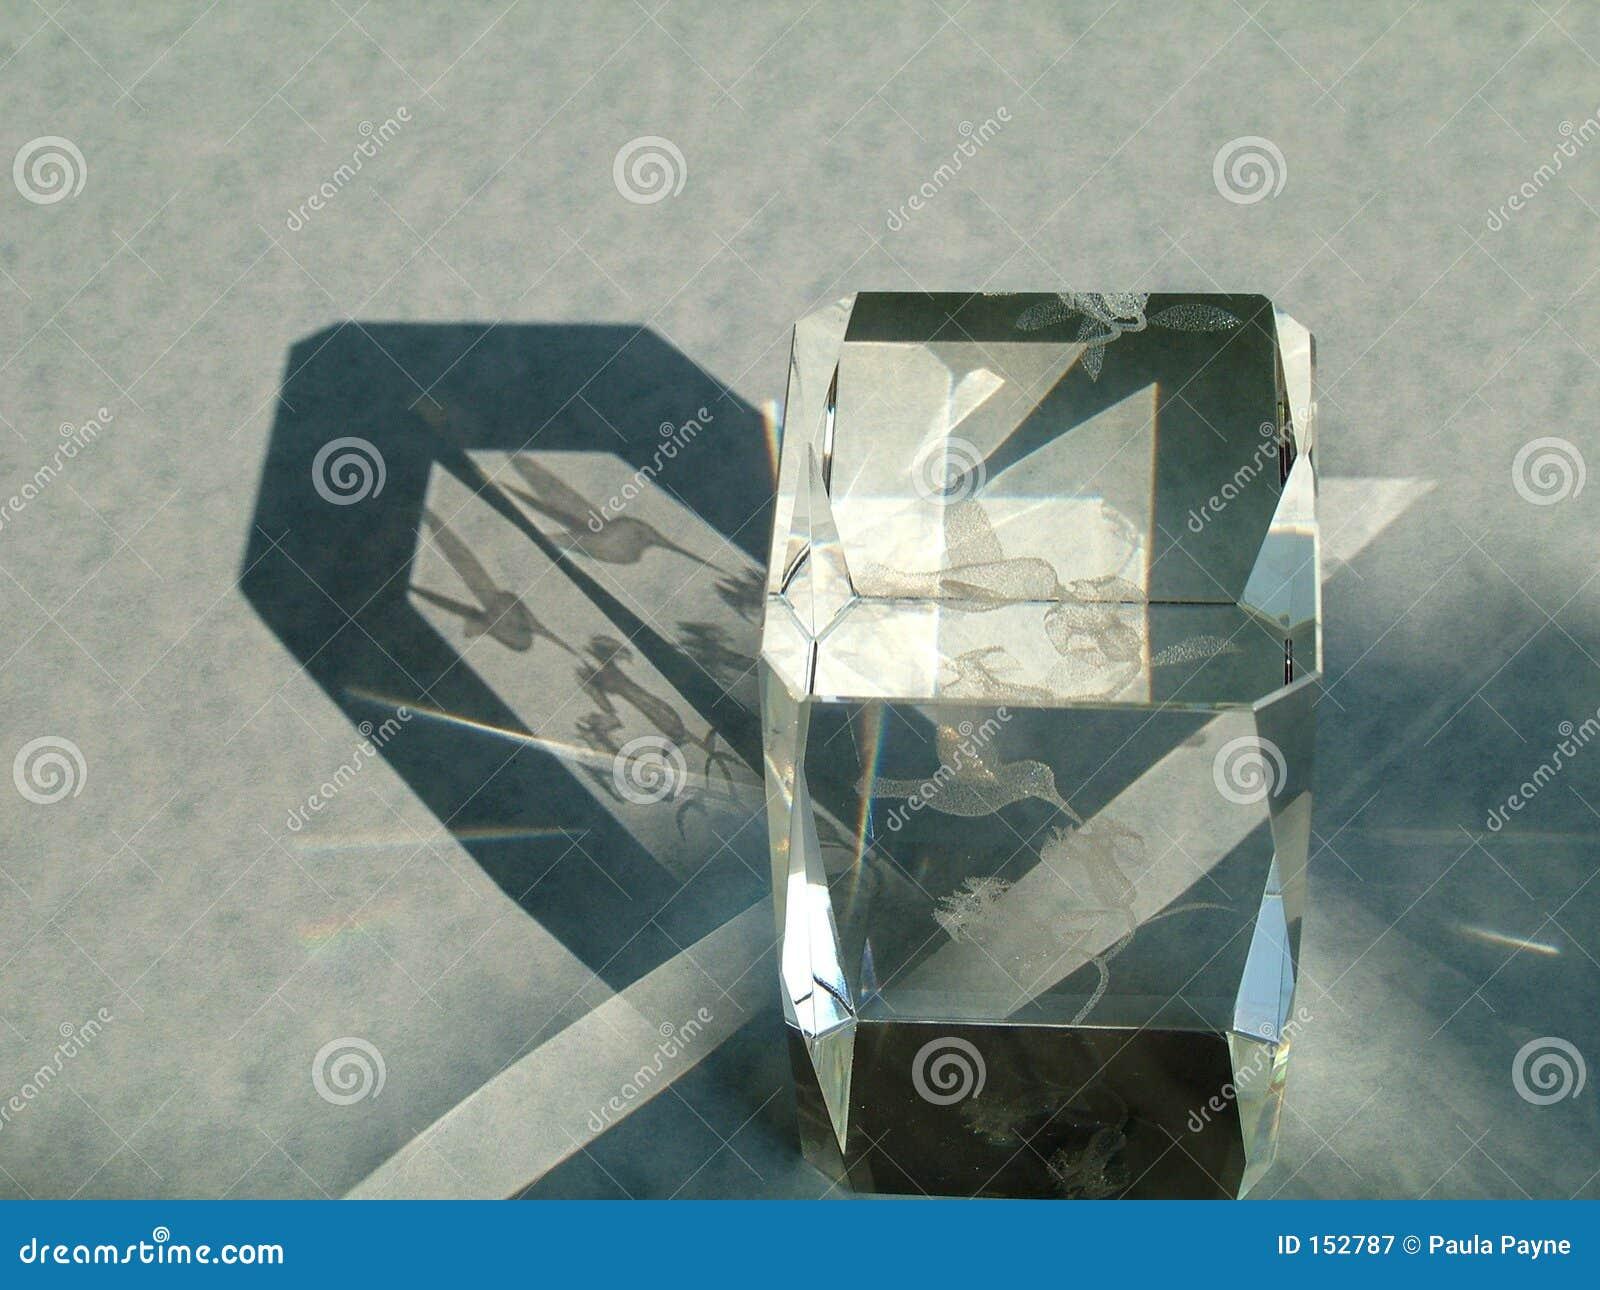 Prism Illusions